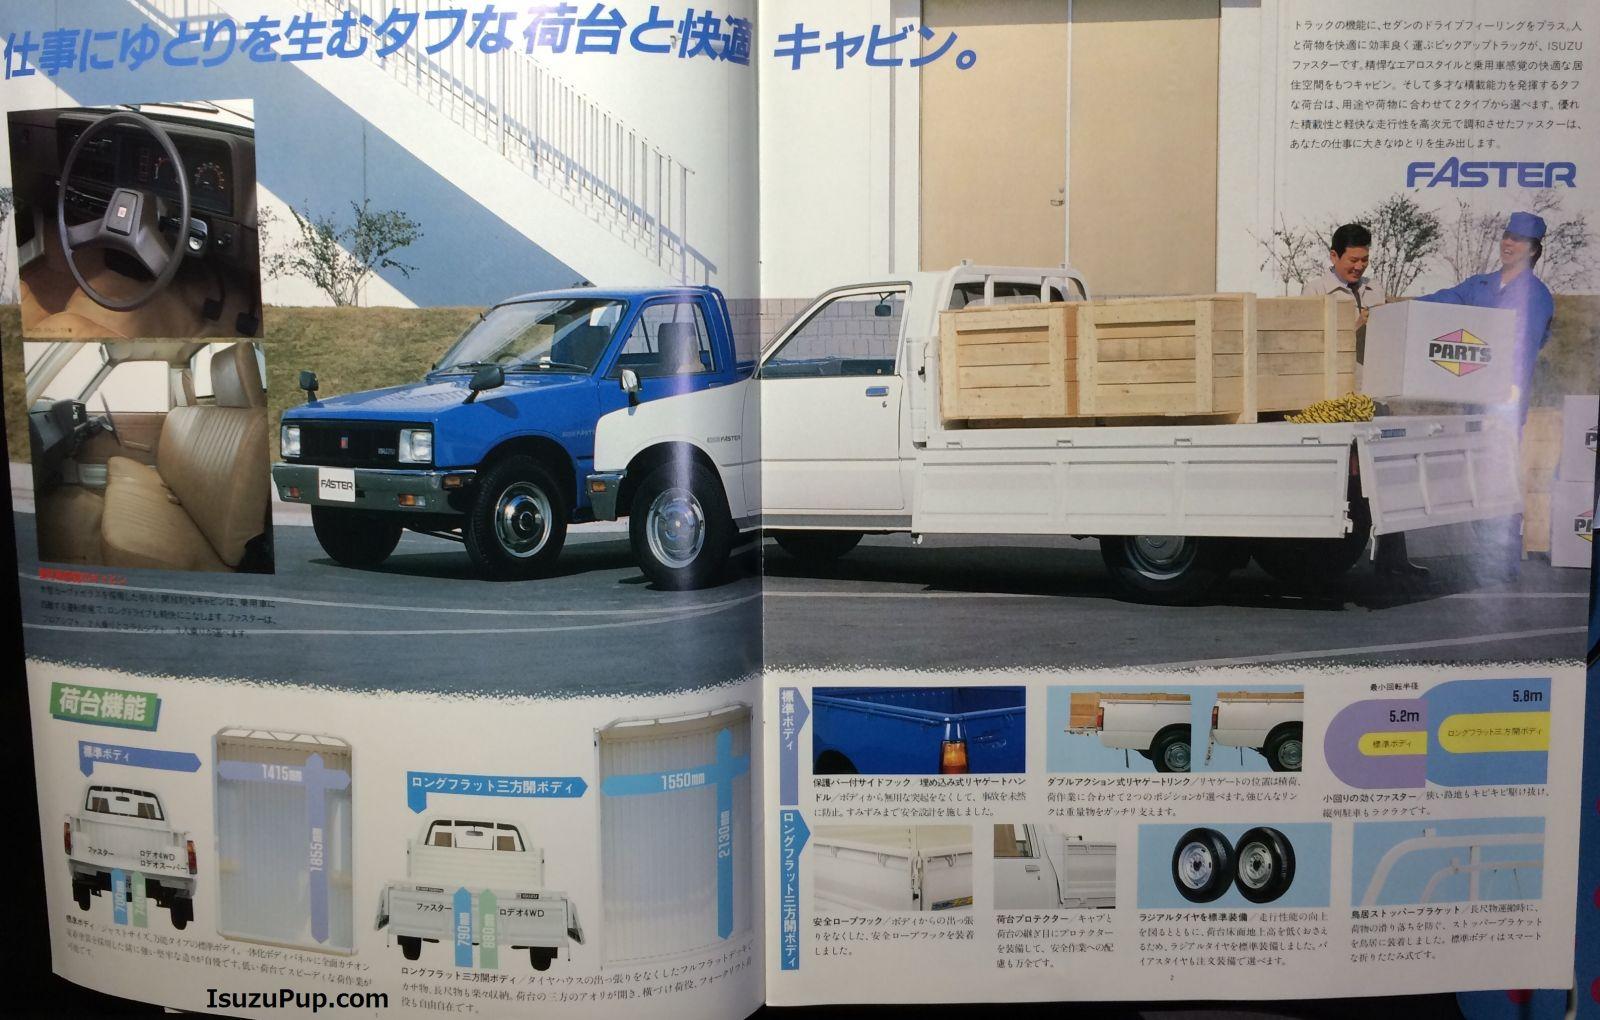 1985 Isuzu Faster, Rodeo 4WD, Rodeo Super 002.jpg